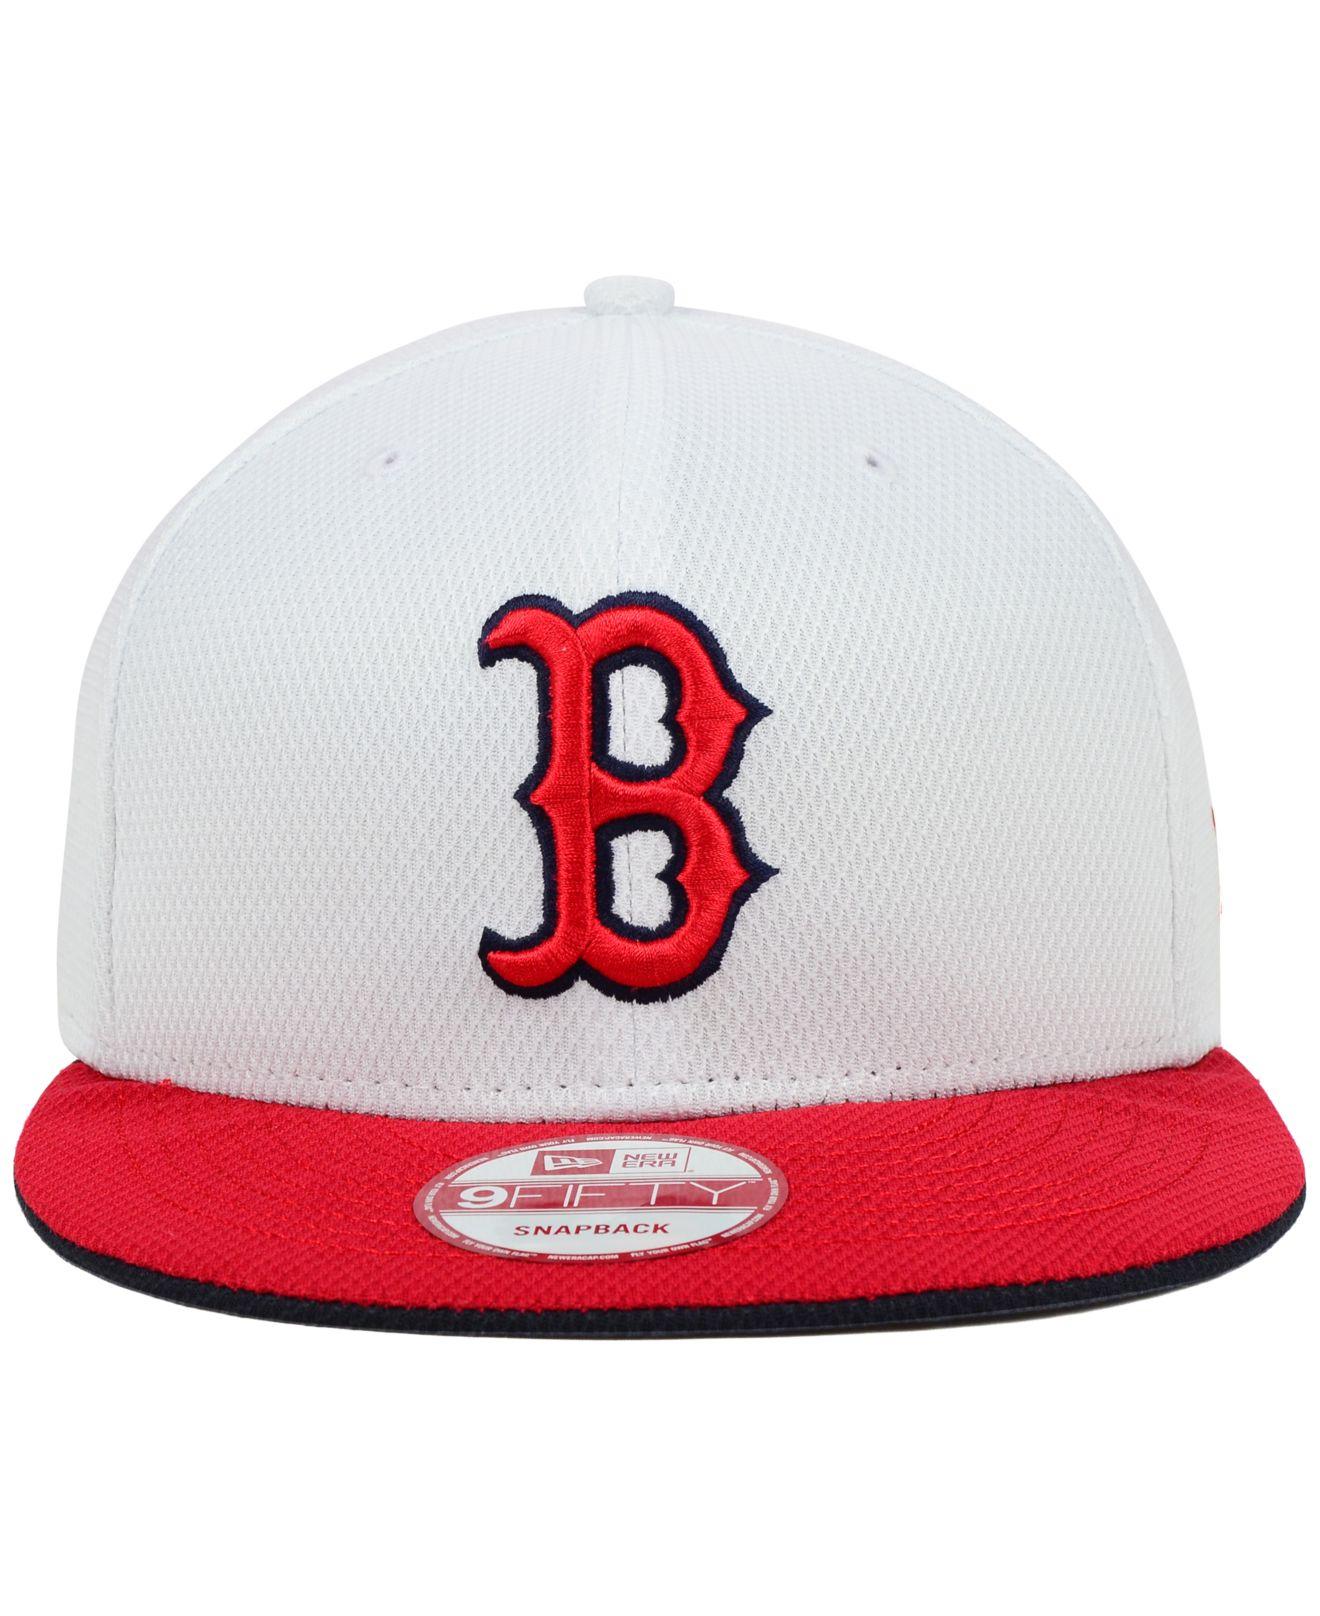 0ff5e727 ... canada lyst ktz boston red sox white diamond era 9fifty snapback cap in  520e0 b7218